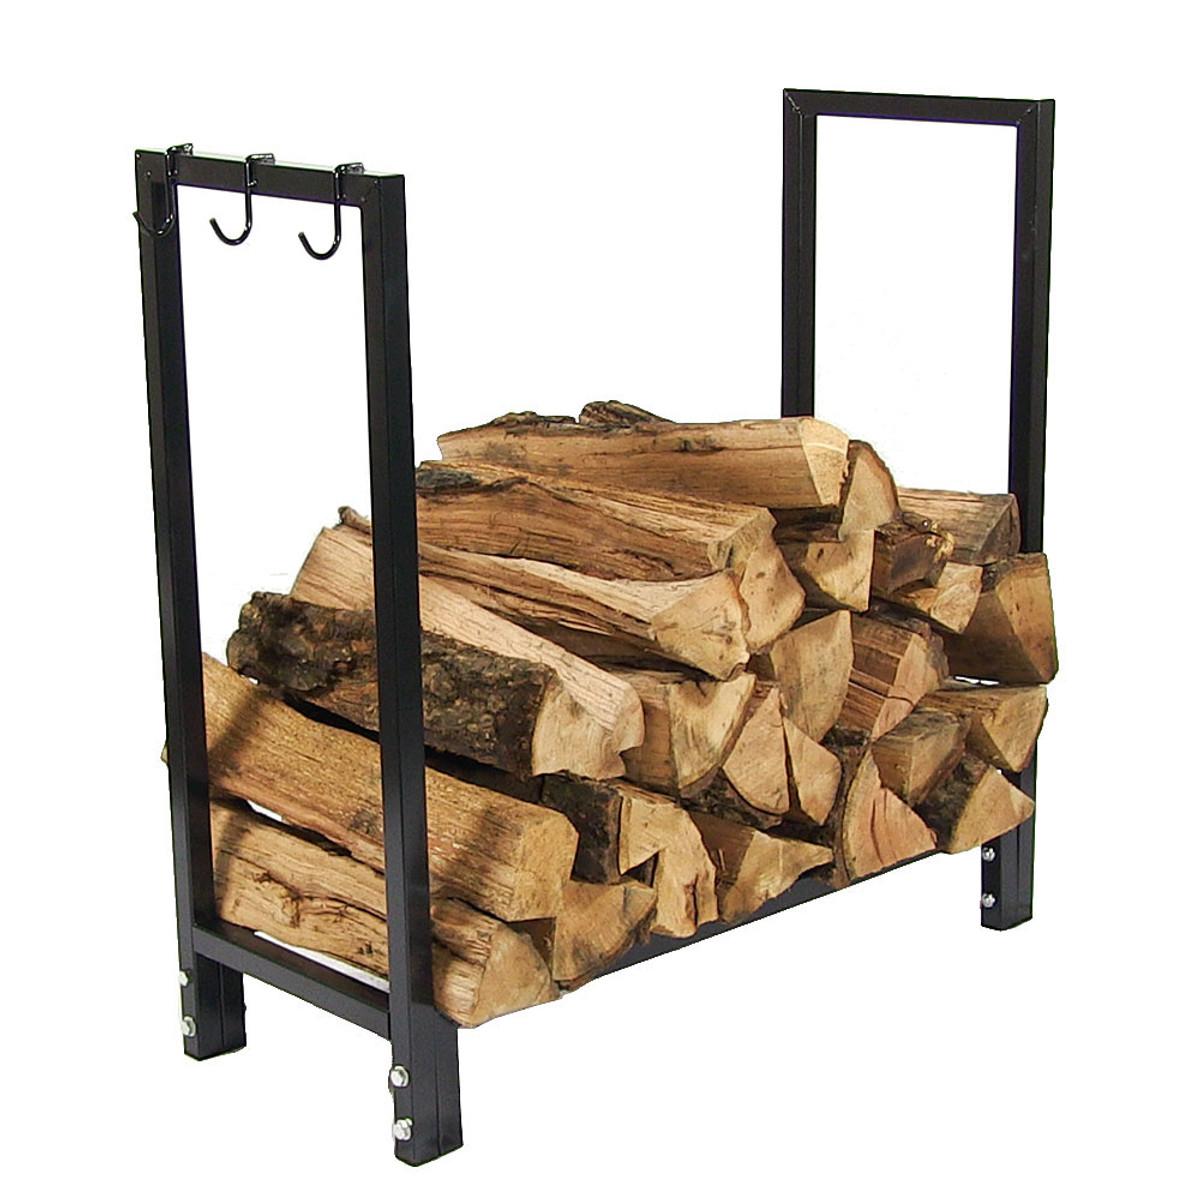 Sunnydaze Indoor Outdoor Steel Firewood Rack 30